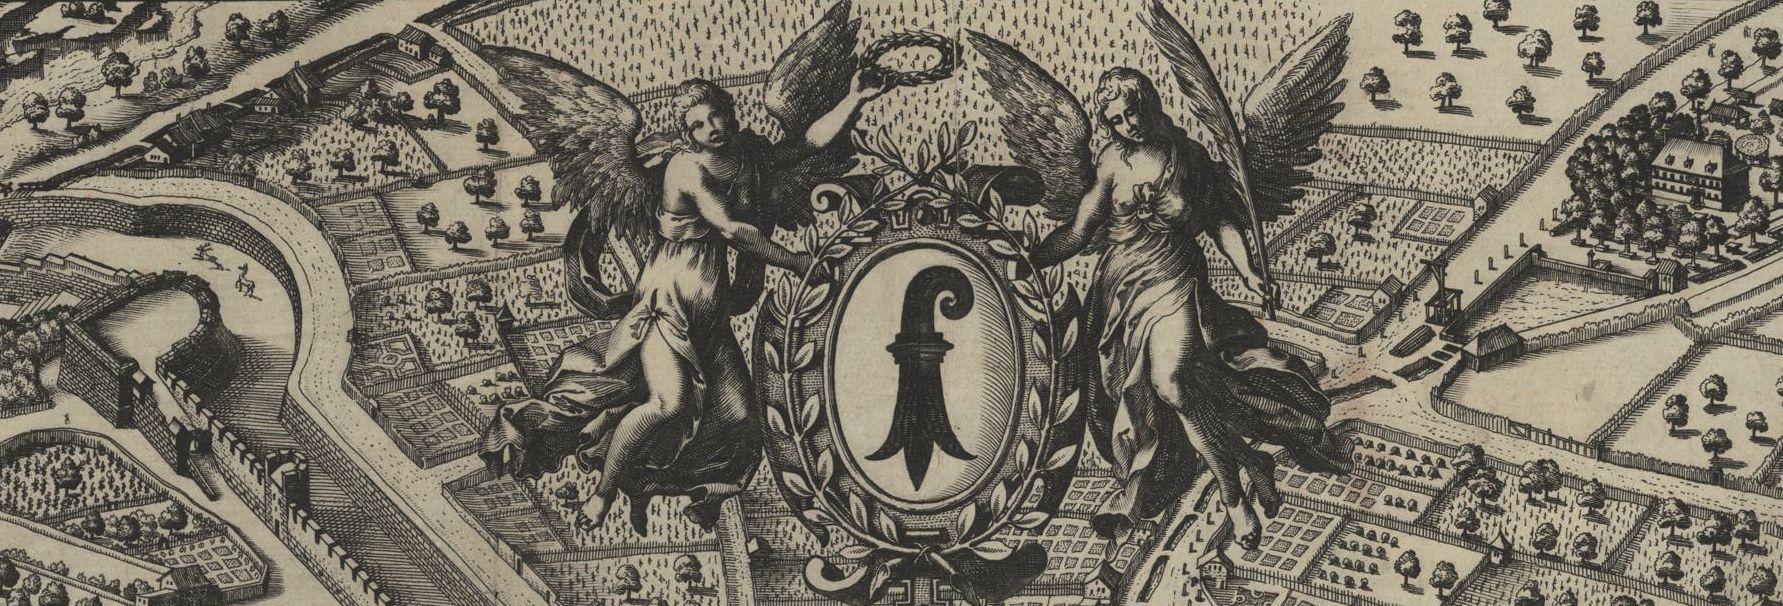 Basler Wappen auf dem Stadtplan von Matthäus Merian (1618)